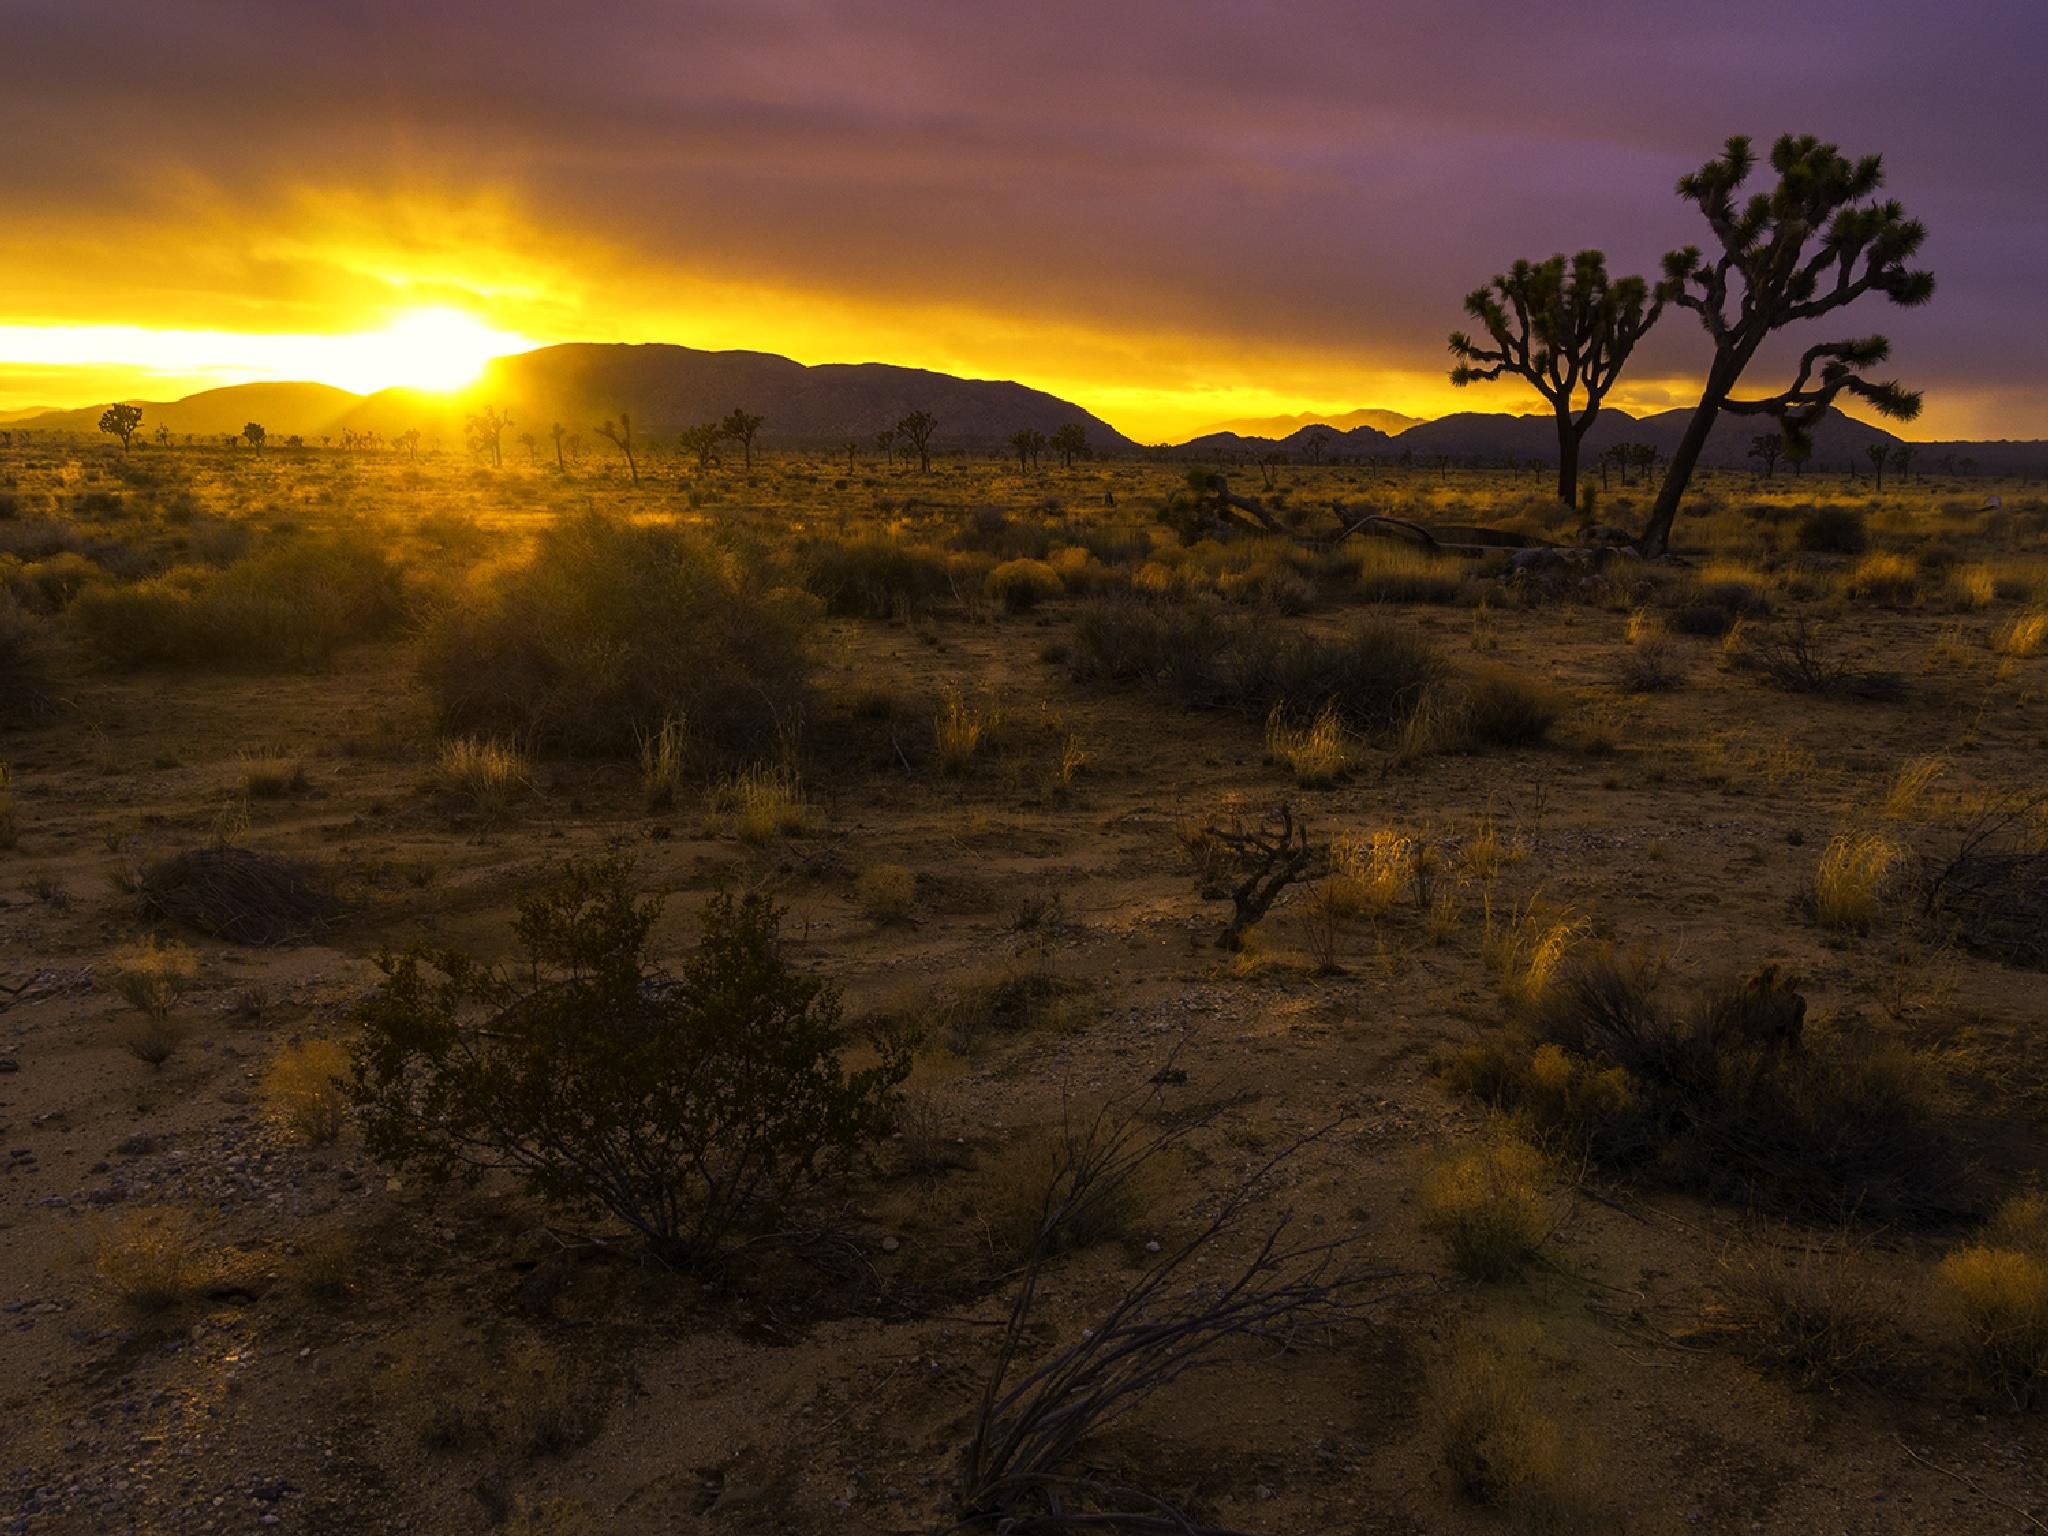 Joshua Tree National Park California by Jaime O. Frias